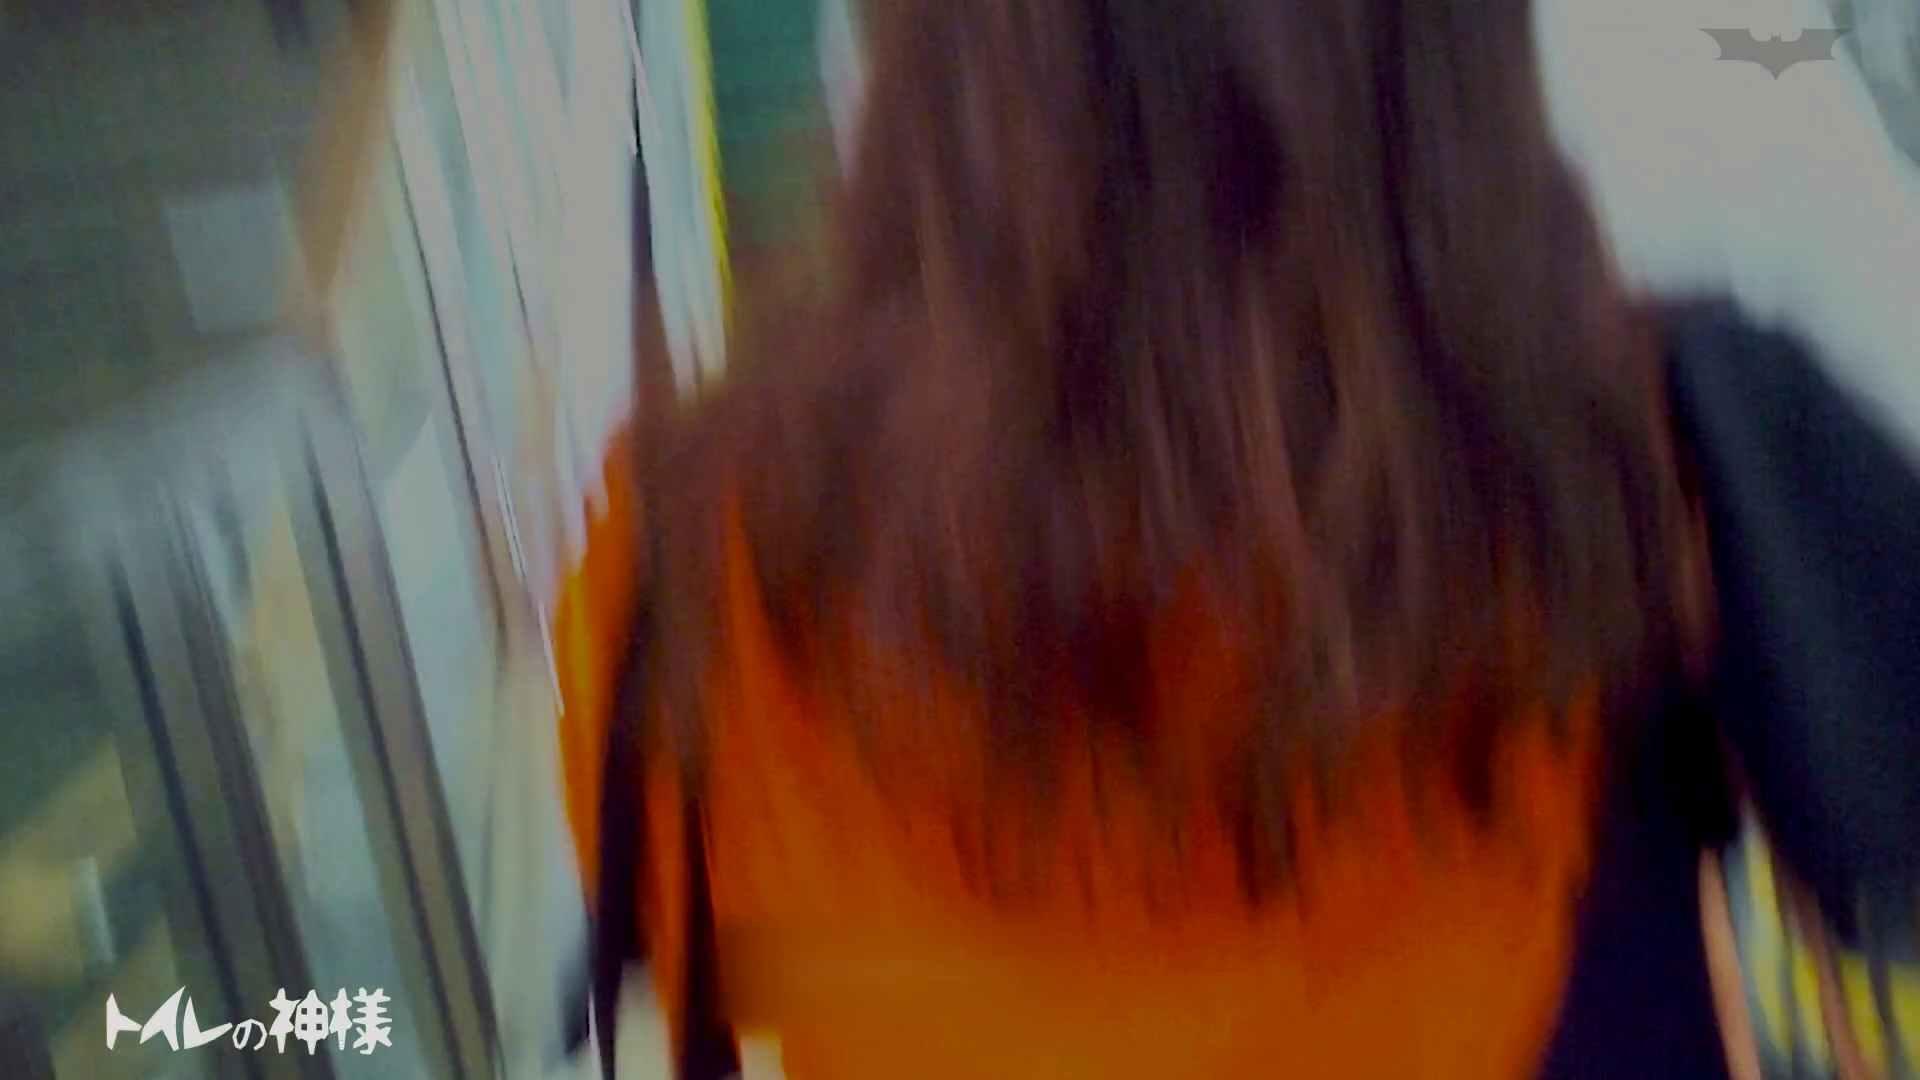 セックスアダルト動画|2視点パンツ逆さ取りVol.01|怪盗ジョーカー